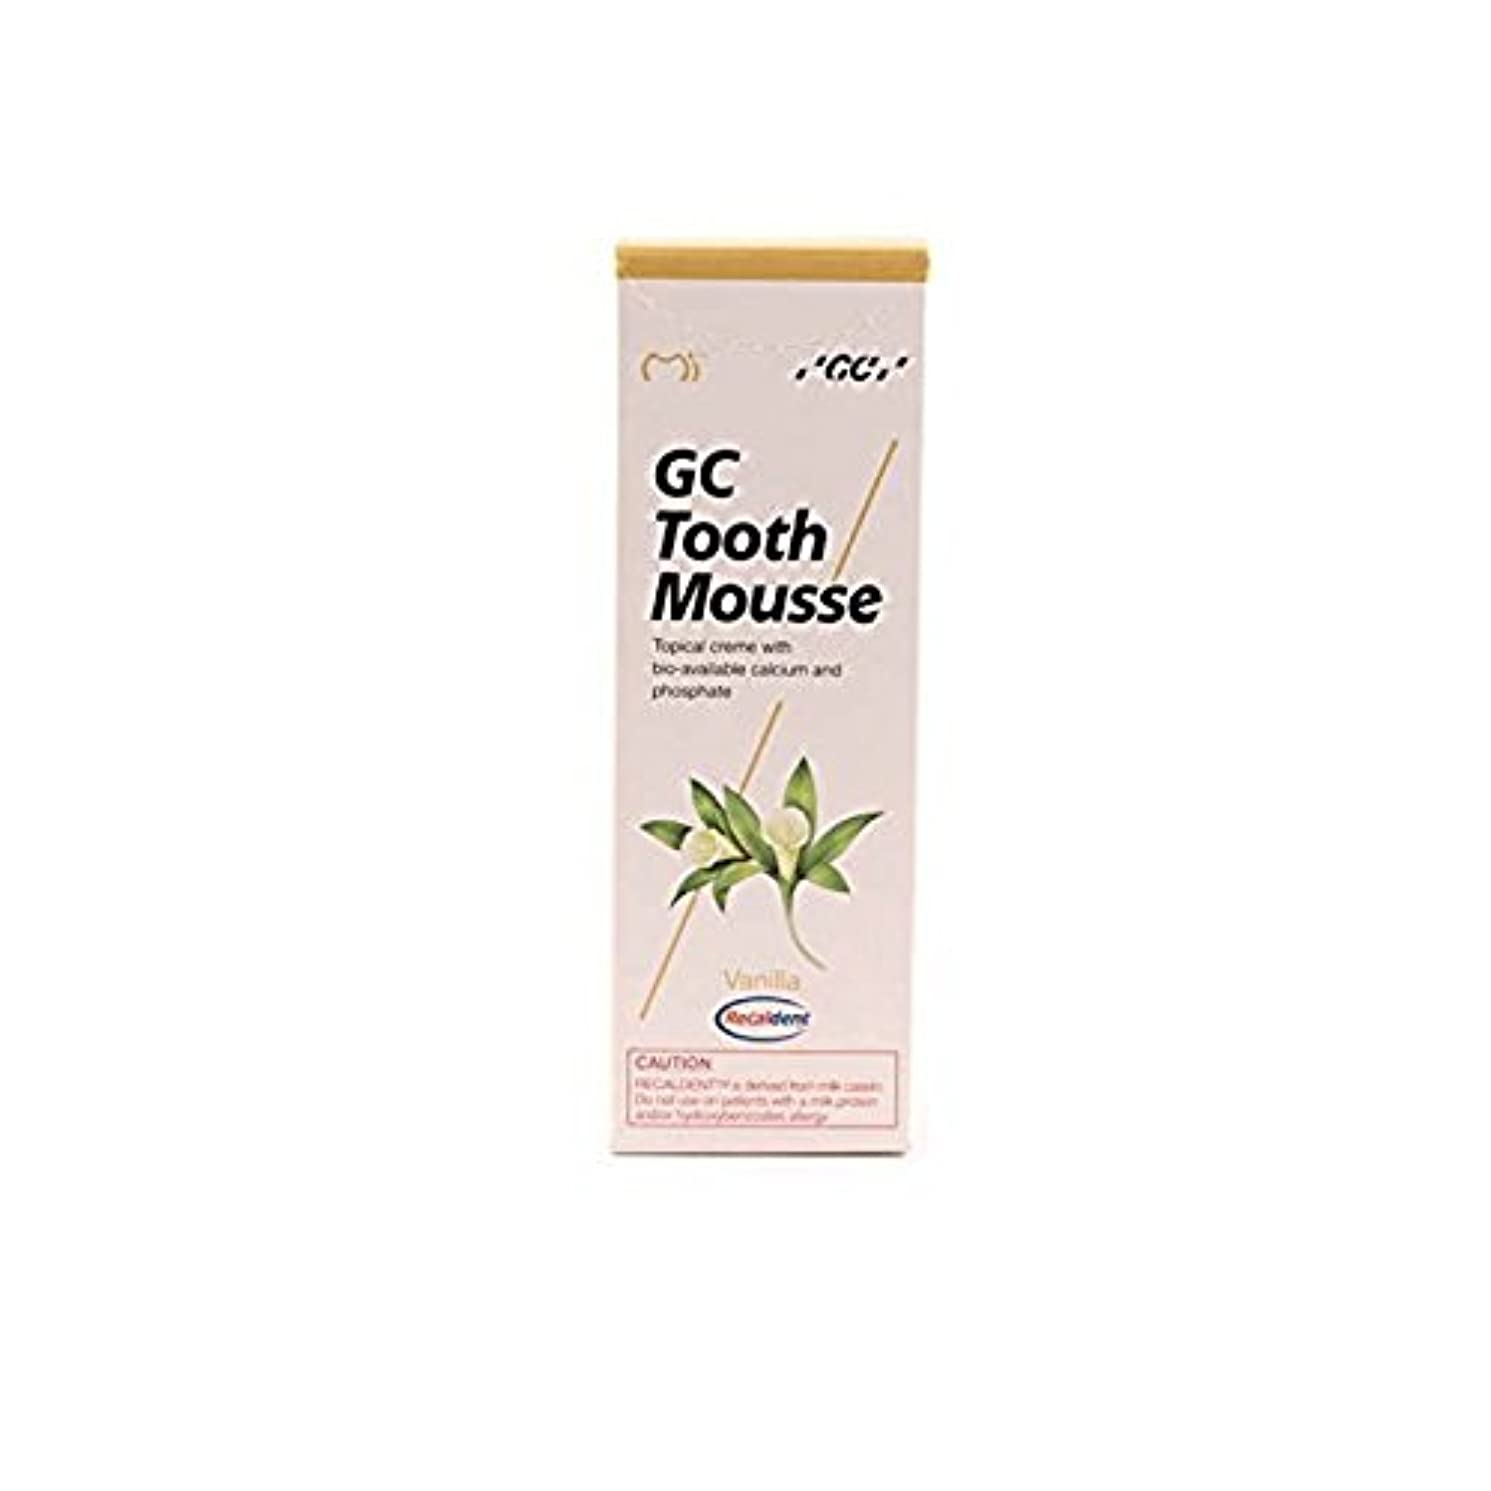 傷つきやすいドラマアクセスできないGc の歯のムース練り歯磨き粉の盛り合わせの味40g (バニラ (Vanilla))